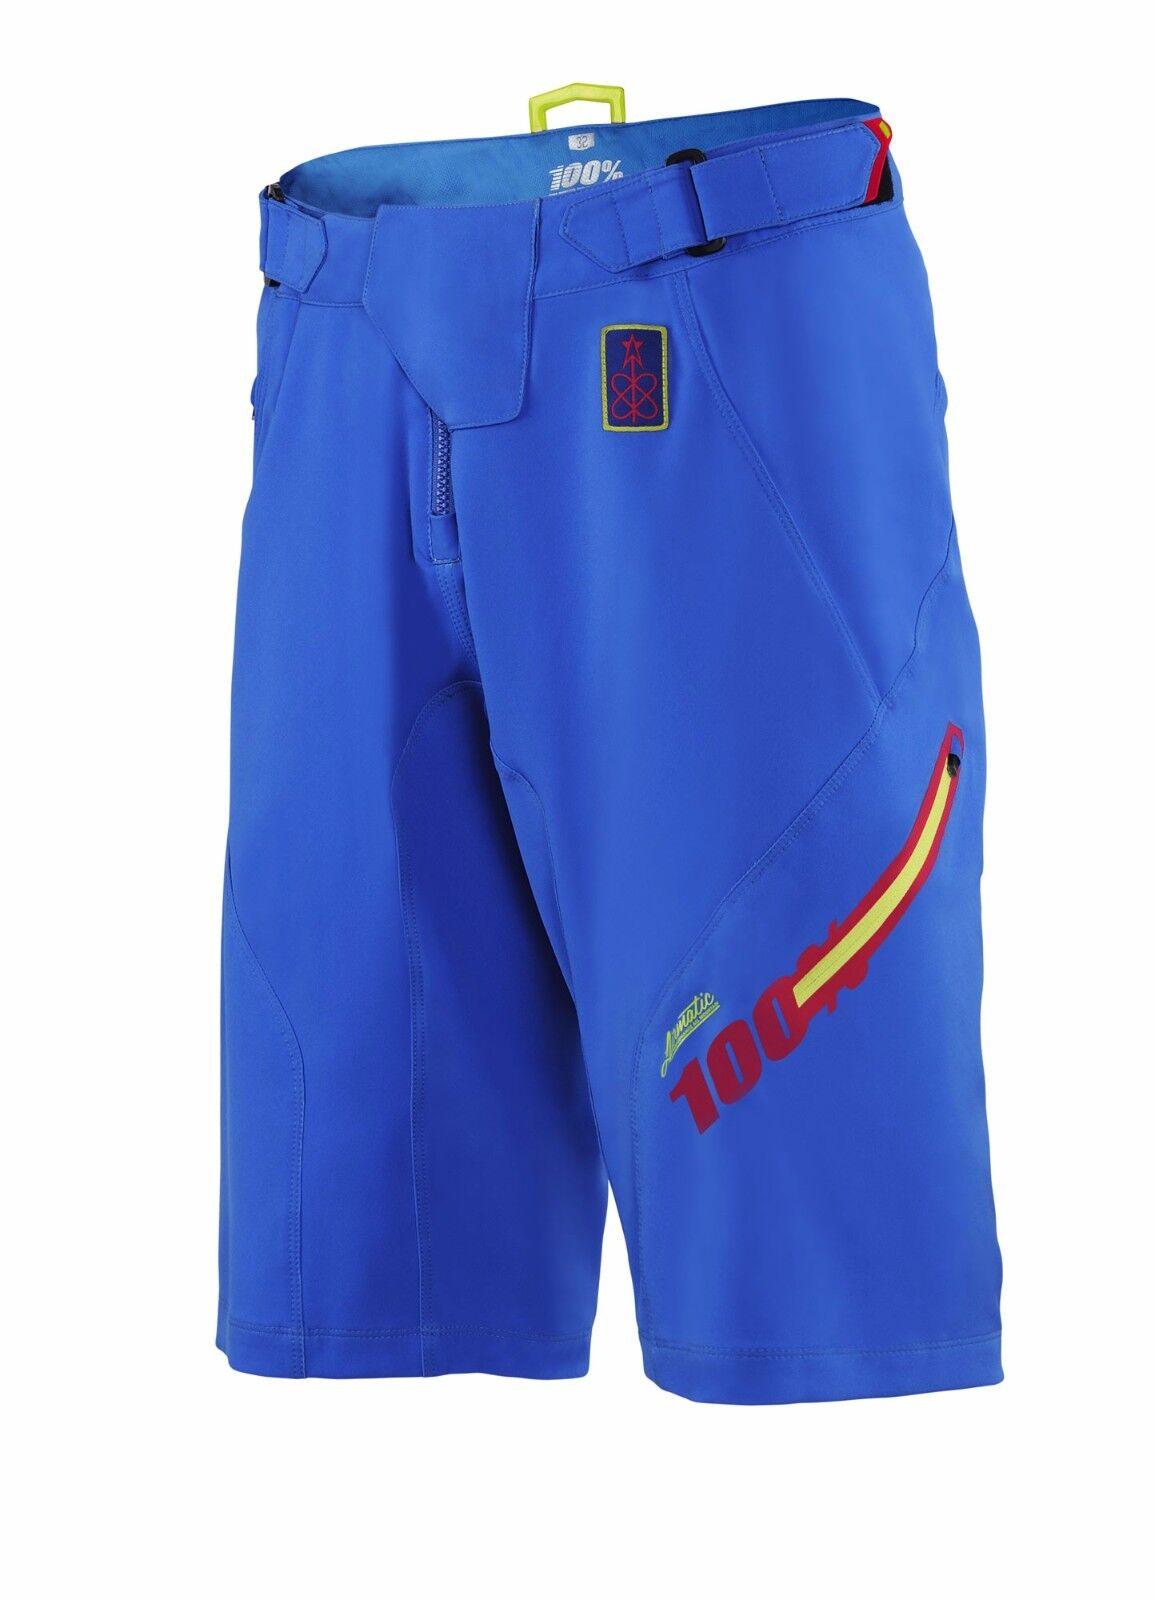 100% Airmatic tempi veloci Pantaloncini Larghi MOUNTAIN BIKE MTB Trail Enduro 100%